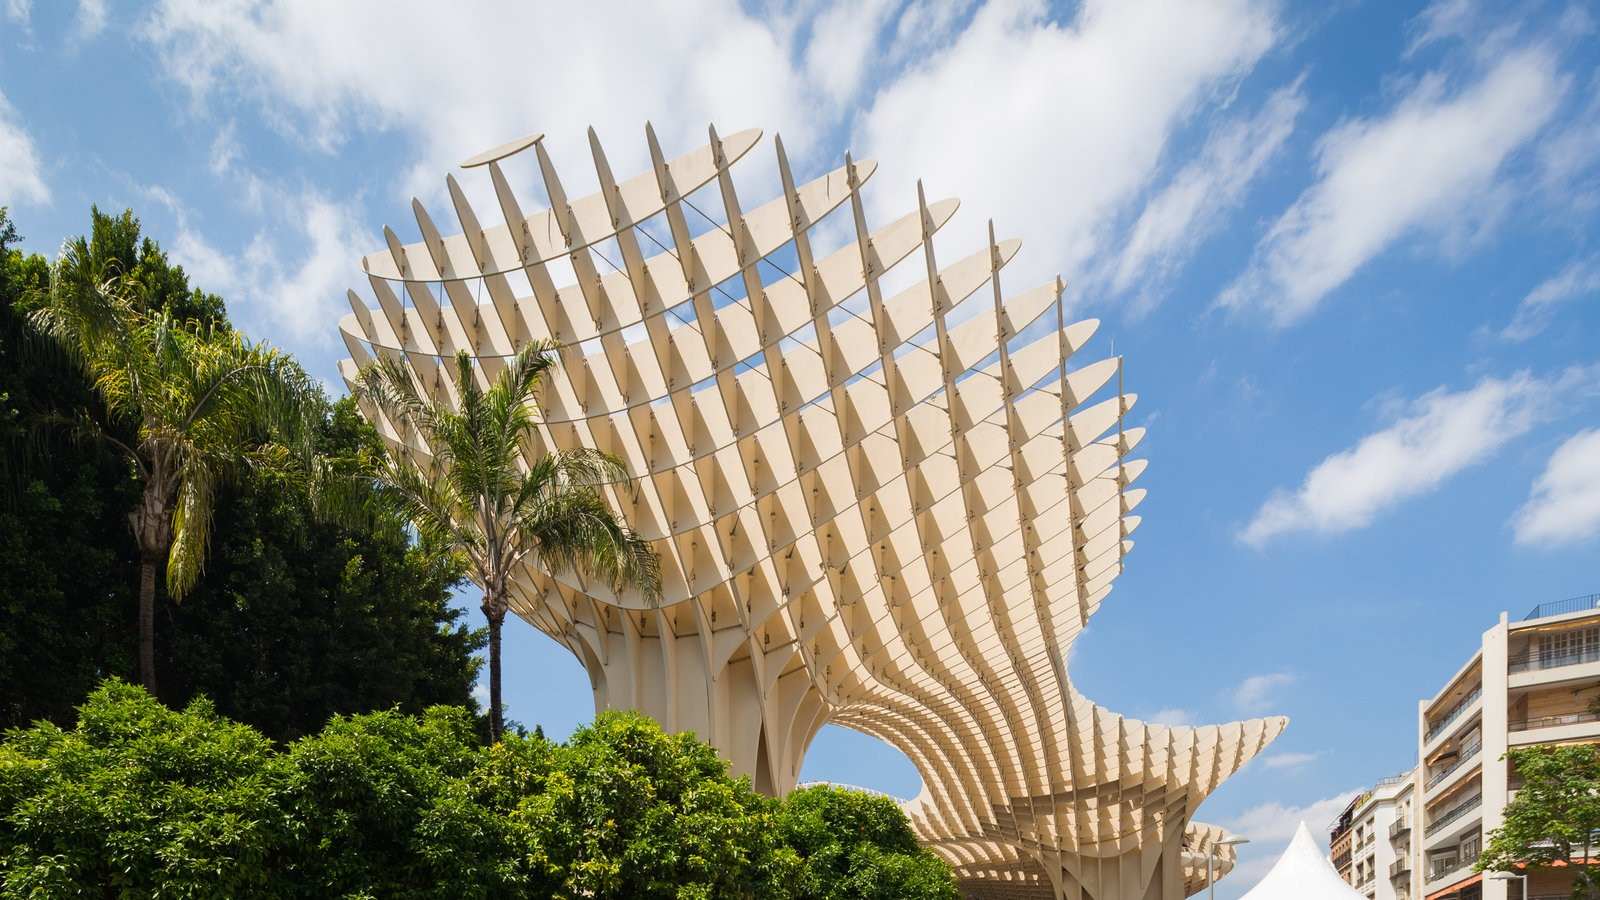 Metropol Parasol que incluye arquitectura moderna y arte al aire libre